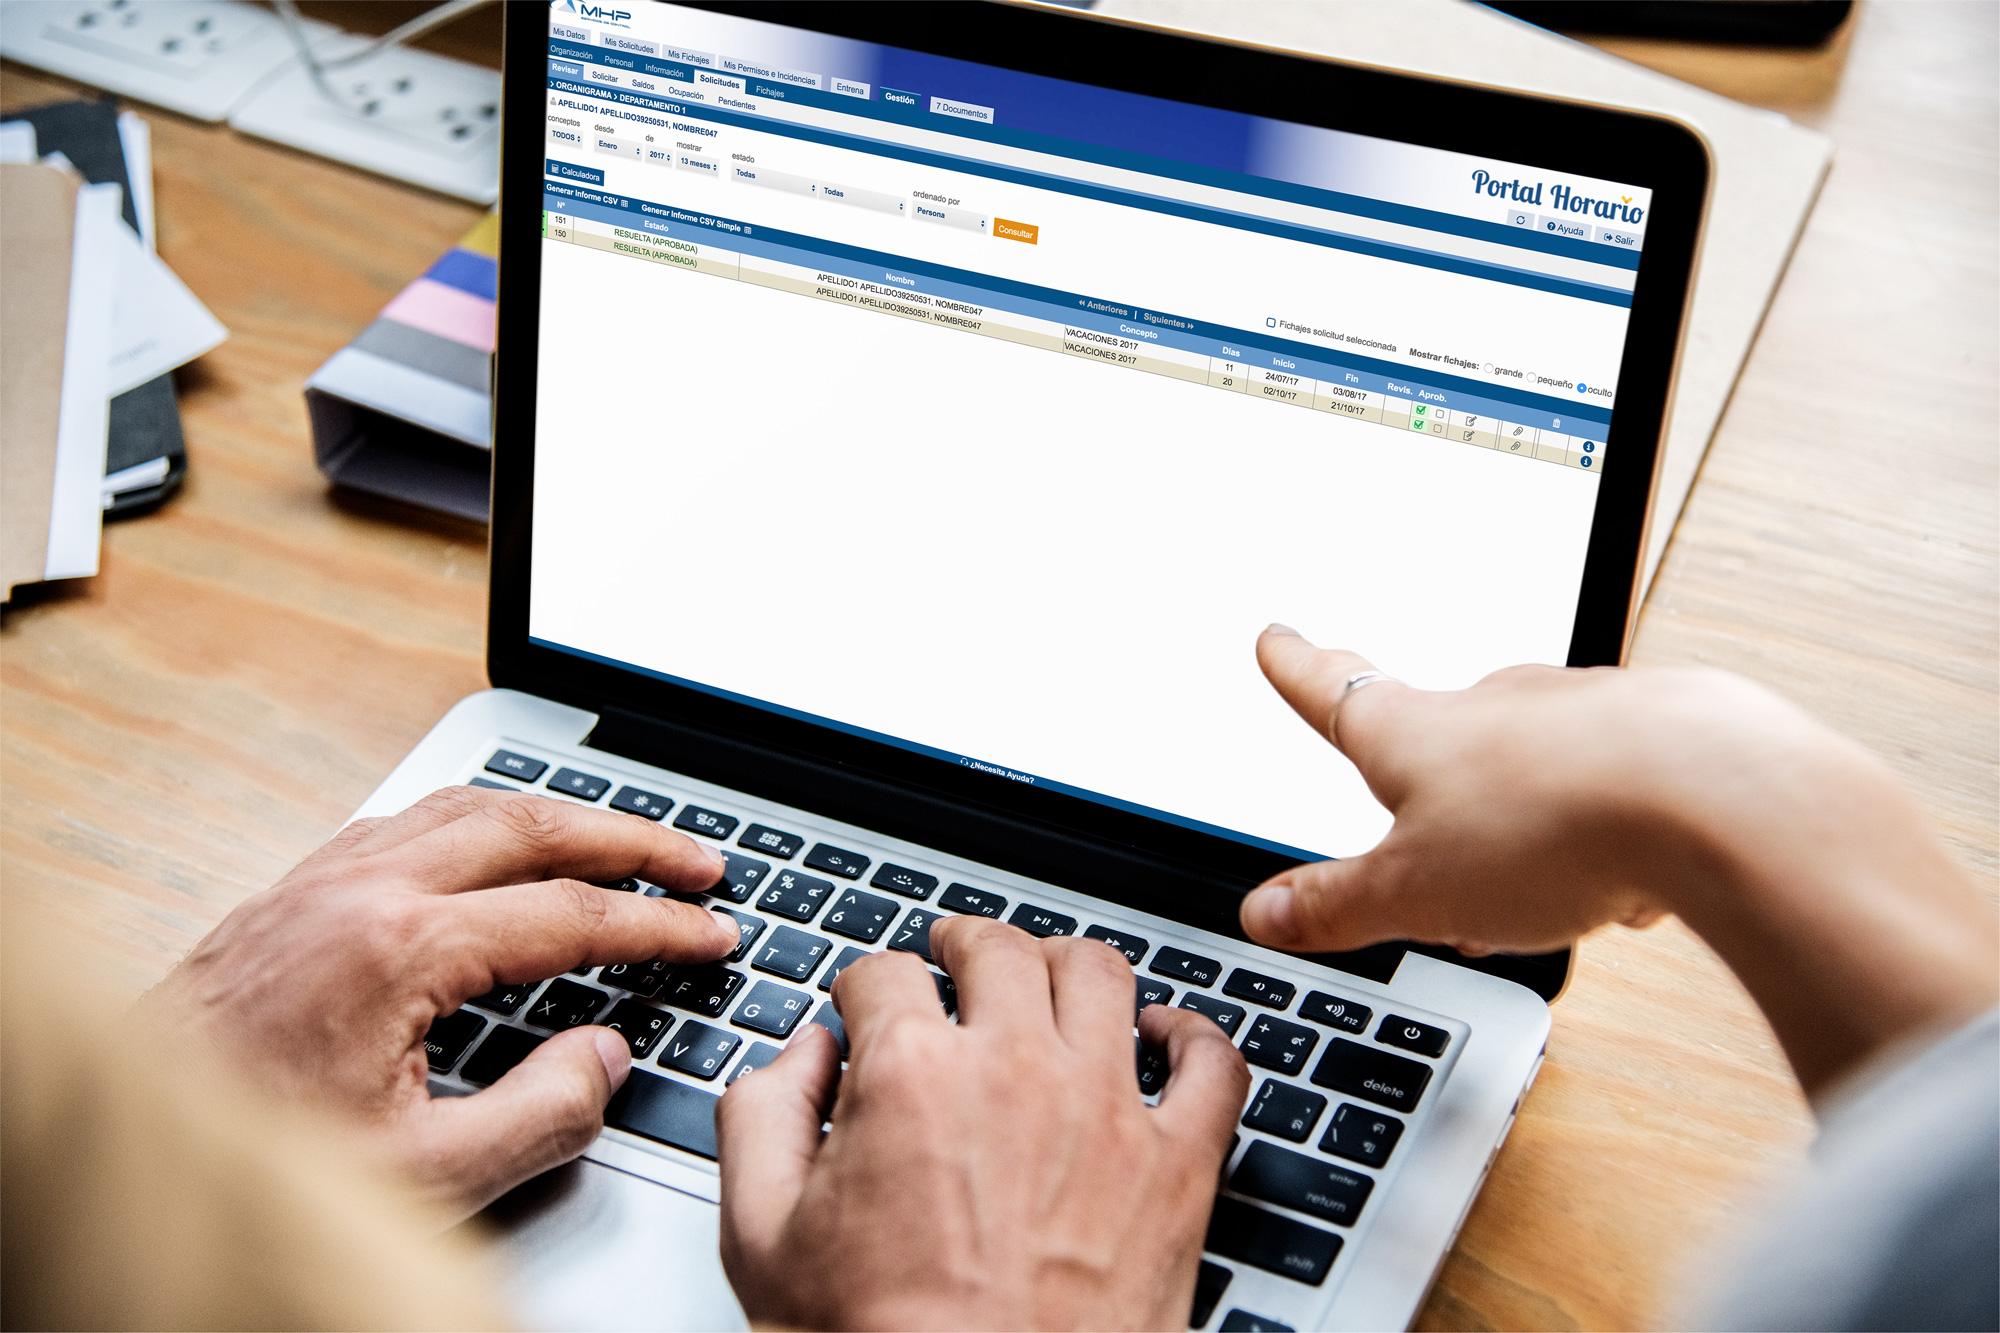 mhp-blog-portal-horario-usuarios-gestores